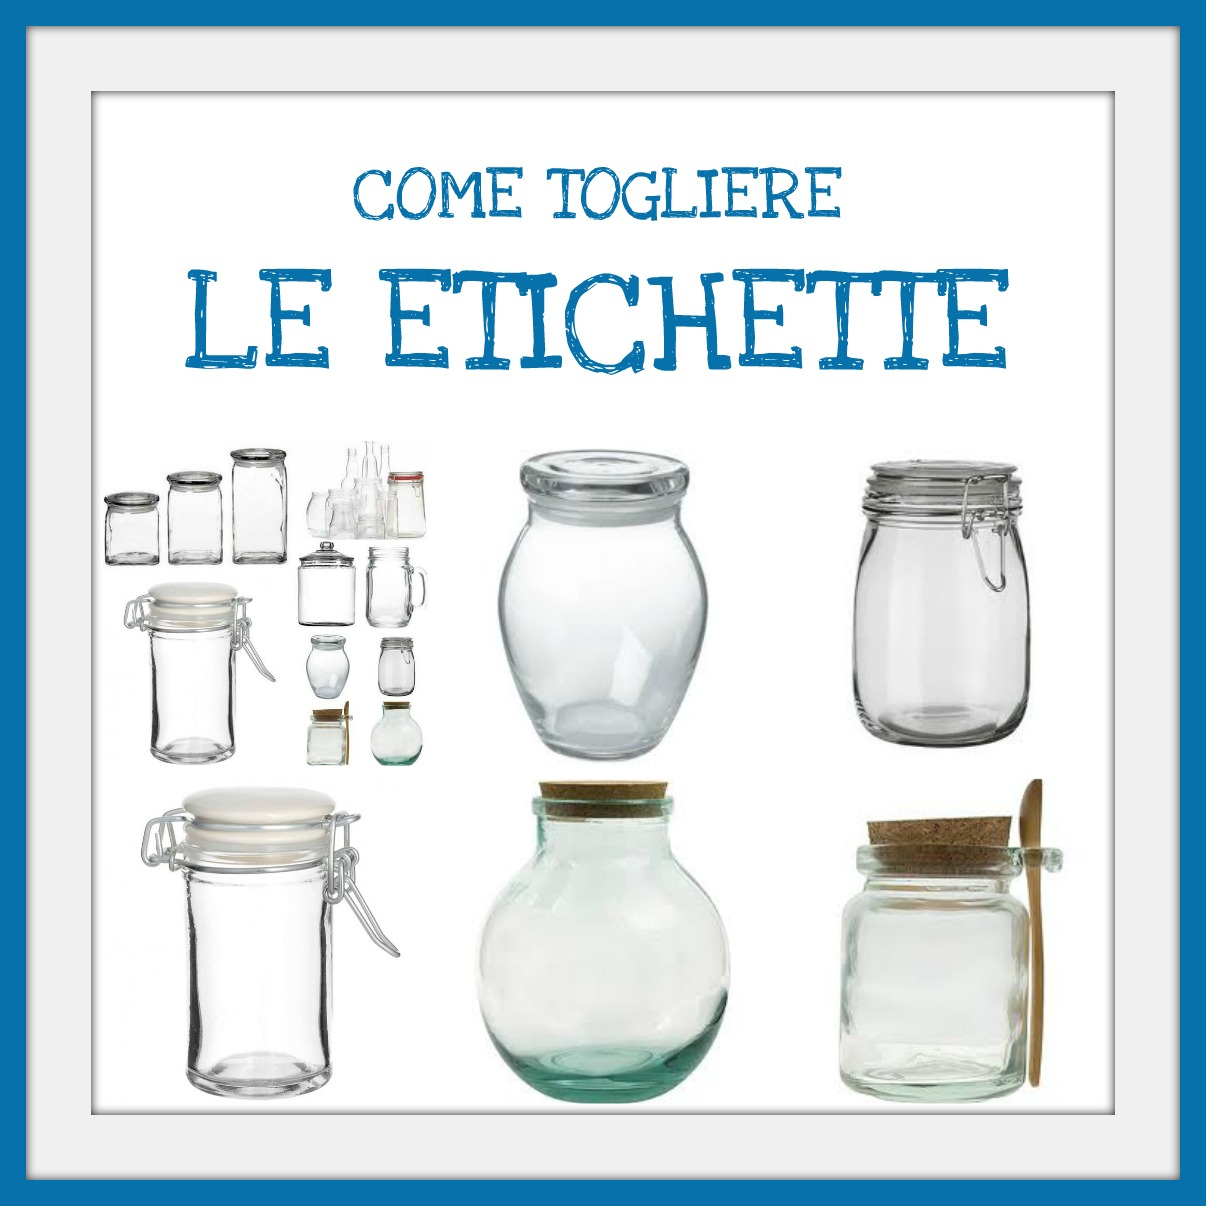 Top Come togliere etichette da barattoli e bottiglie di vetro - BabyGreen CU87